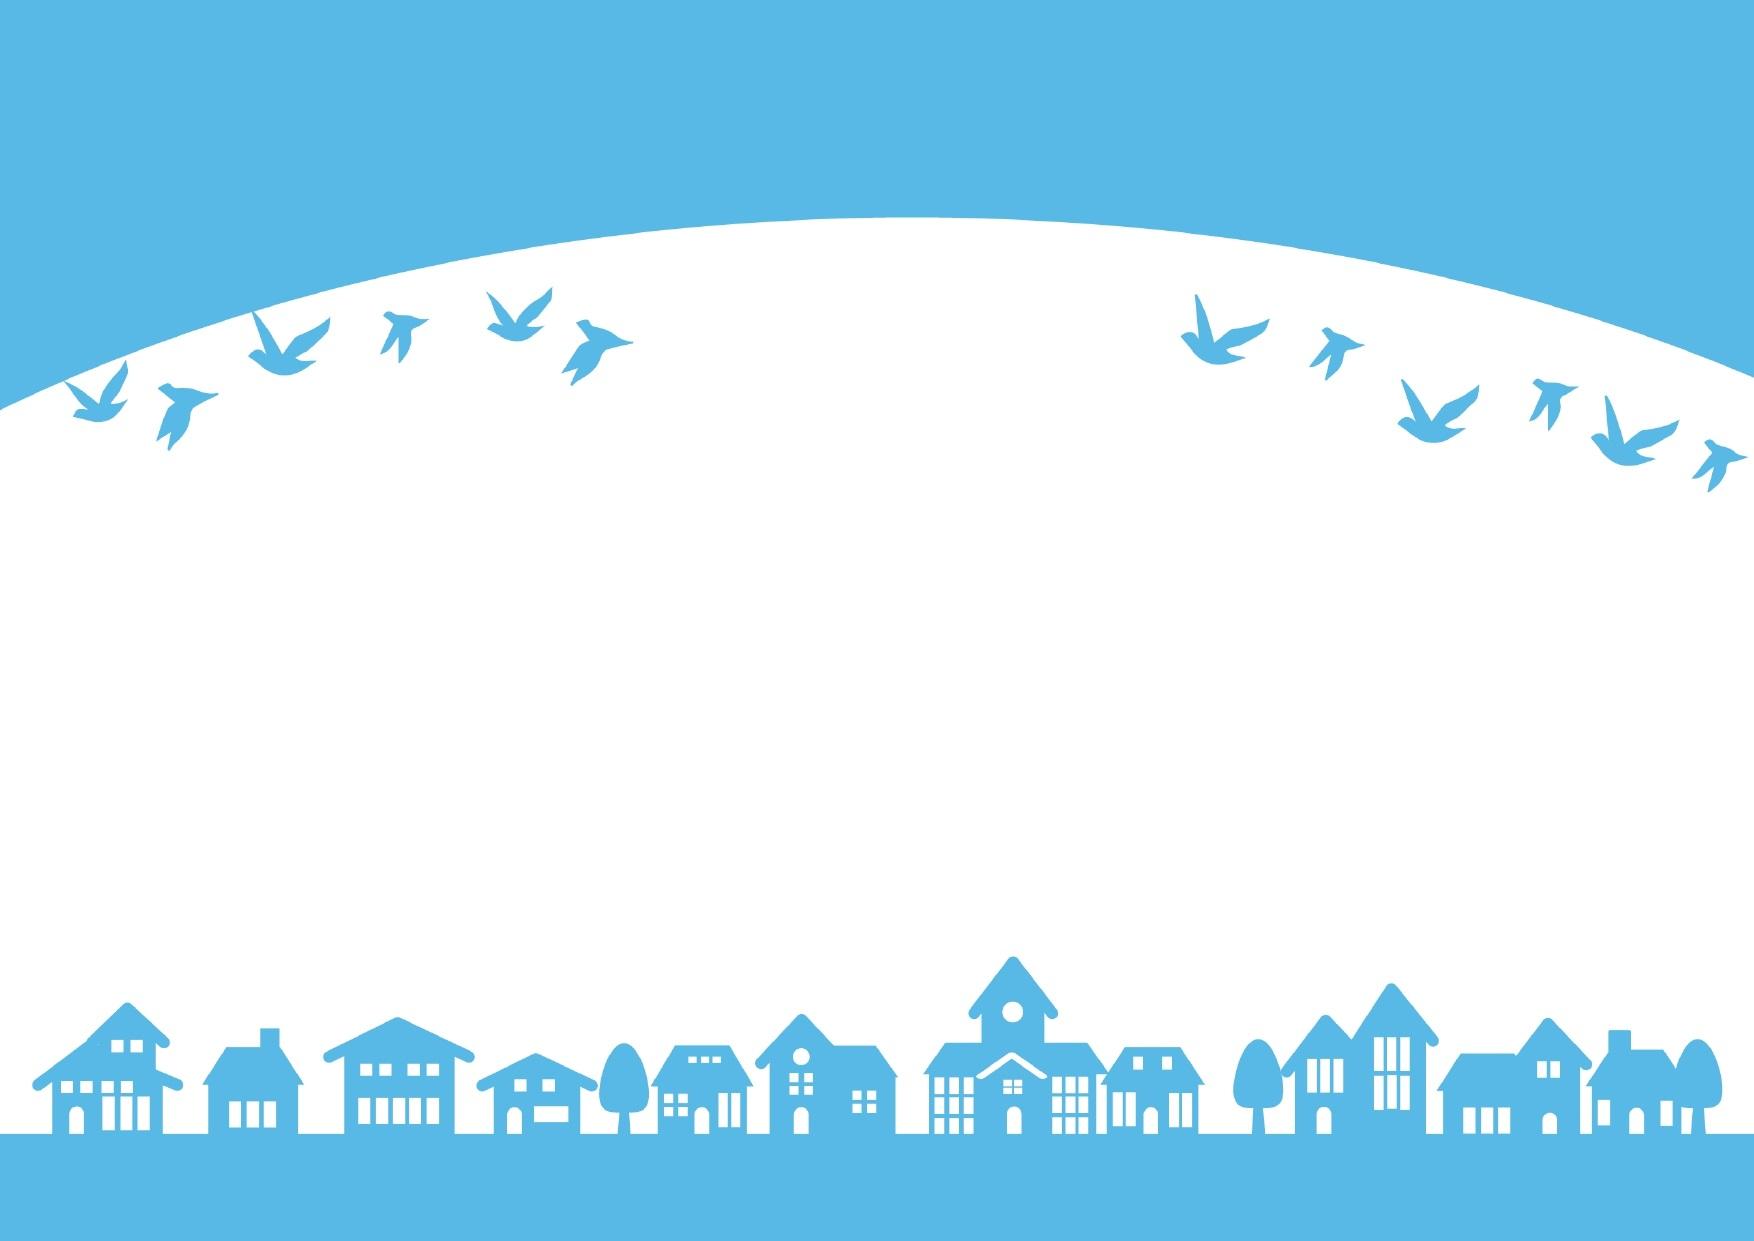 ブルーのシルエットと鳥と街並みフレーム